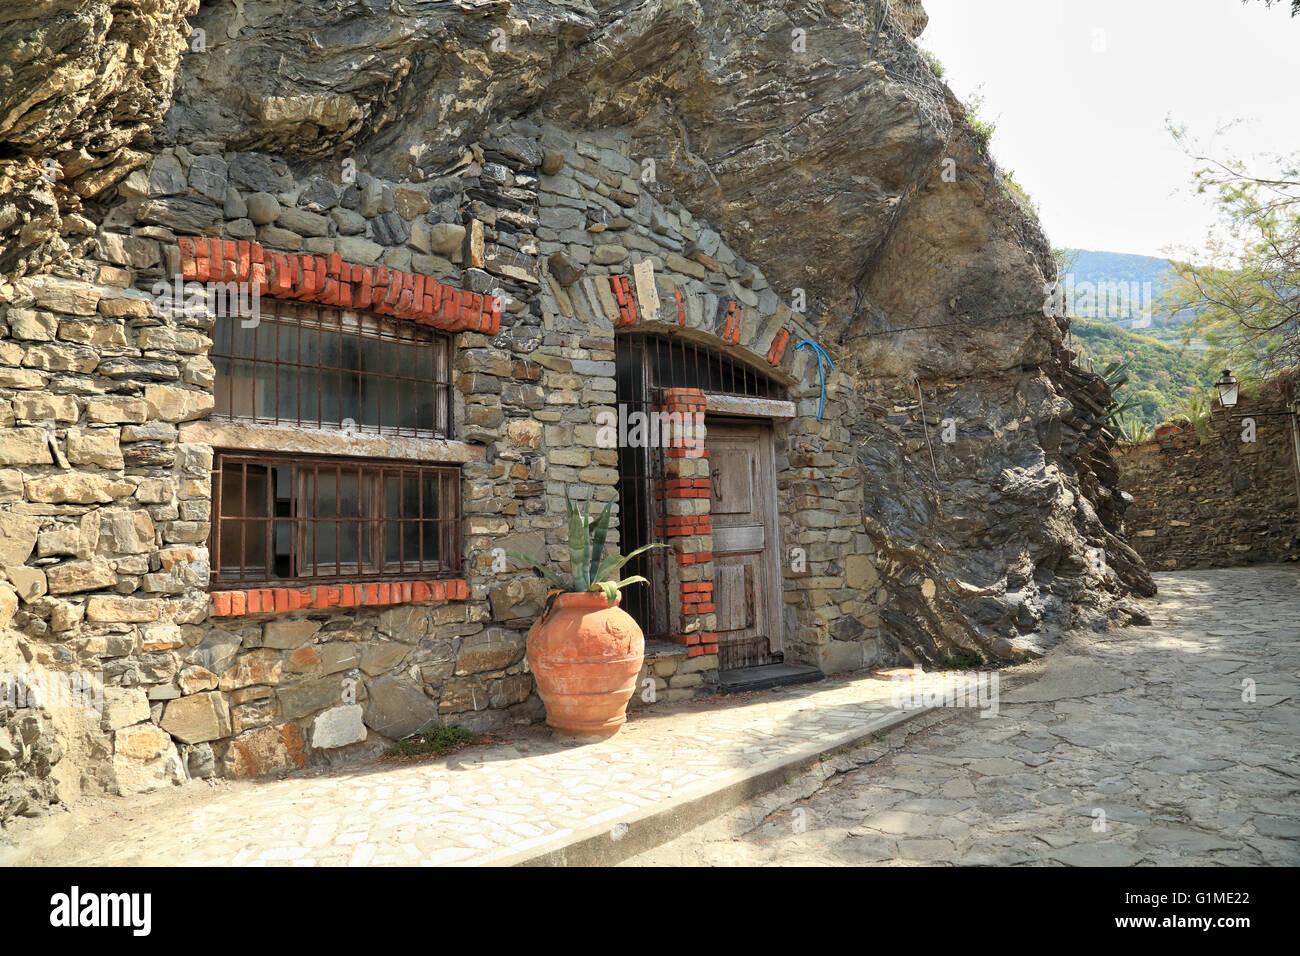 Ein Haus Aus Stein In Eine Felswand Gebaut, Monterosso Al Mare, Cinque  Terre, Ligurien, Italien